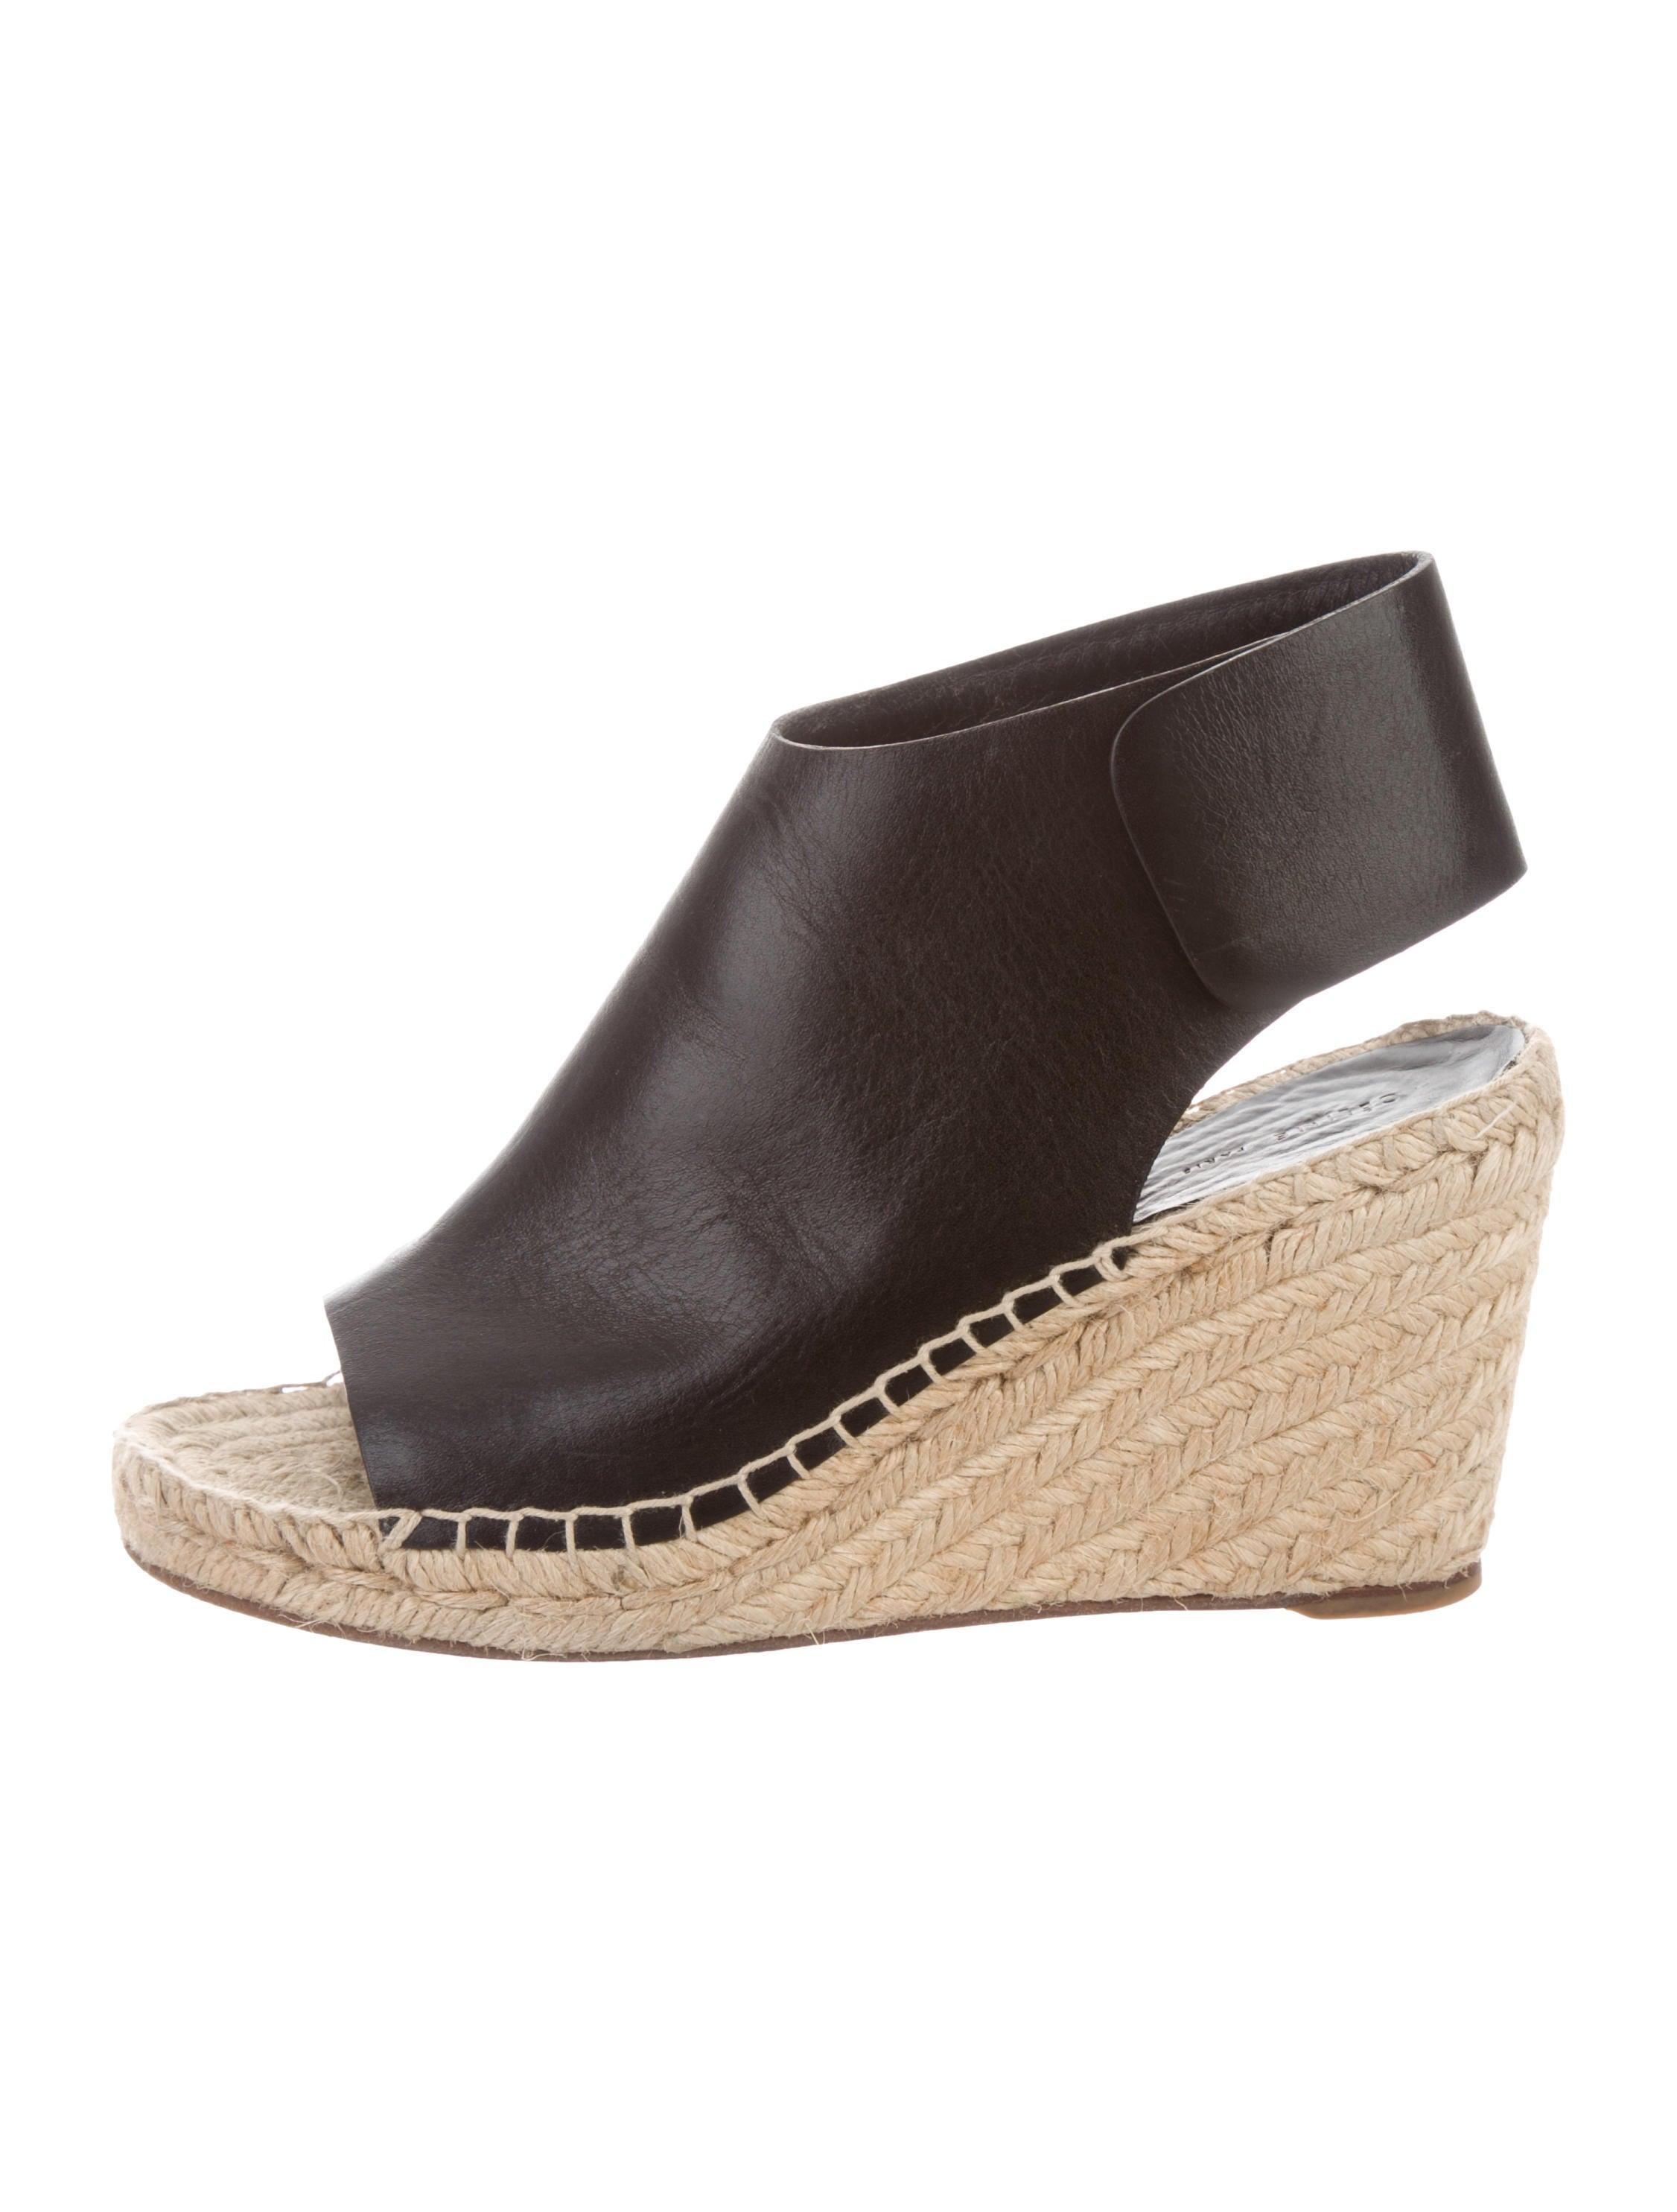 0c34f53e13c Celine Céline Leather Espadrille Wedges - Shoes - CEL79272